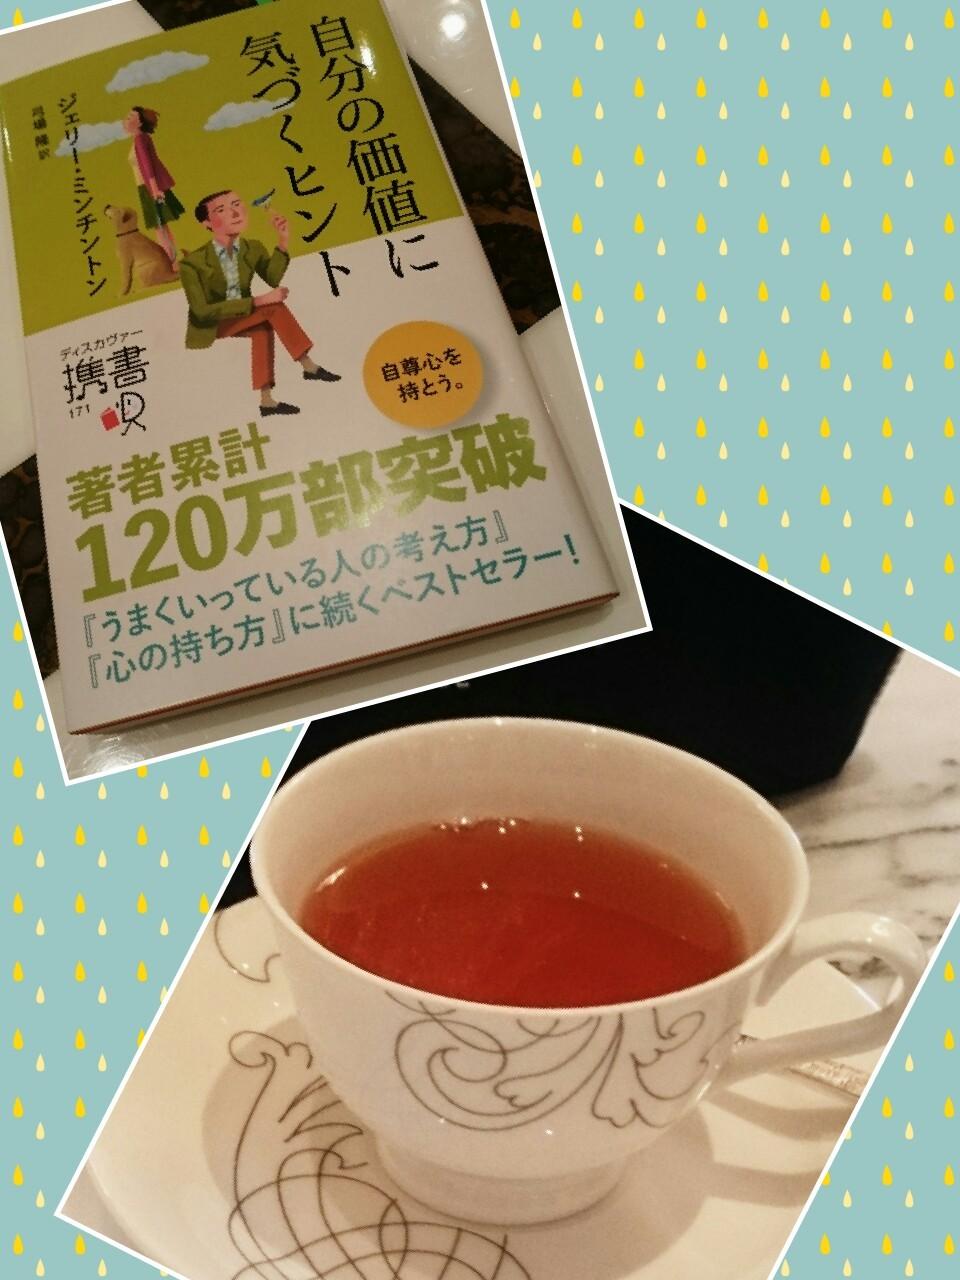 エンパスお茶会 ☆ ほどよく @ 銀座_a0349374_01044719.jpg